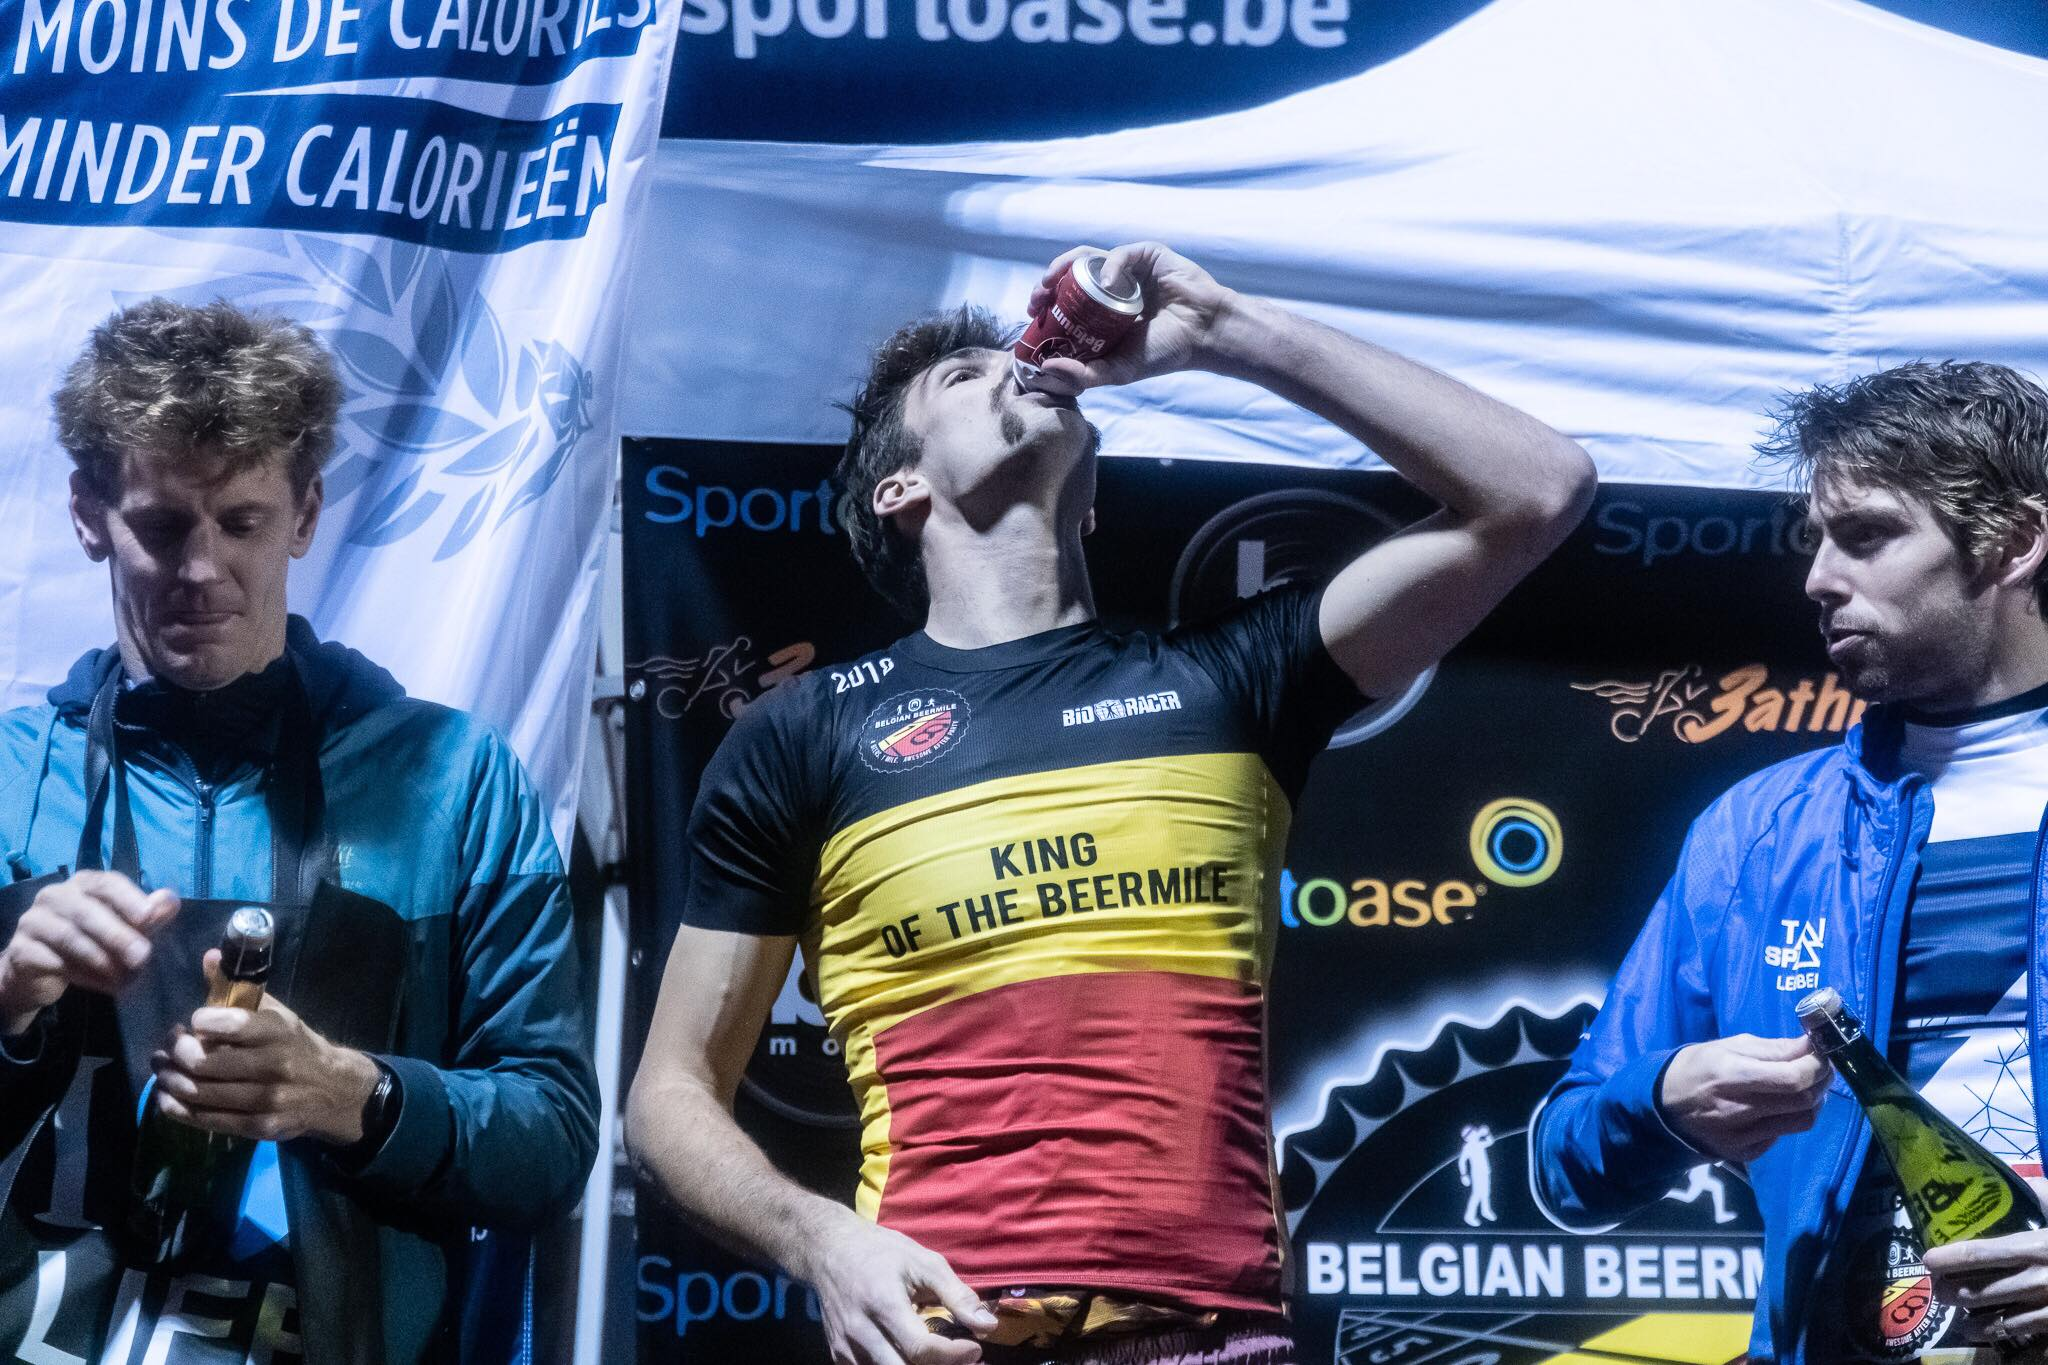 Antonio Hernaert drinkt er nog eentje op zijn overwinning (foto: 3athlon.be/Gert-Jan D'haene)